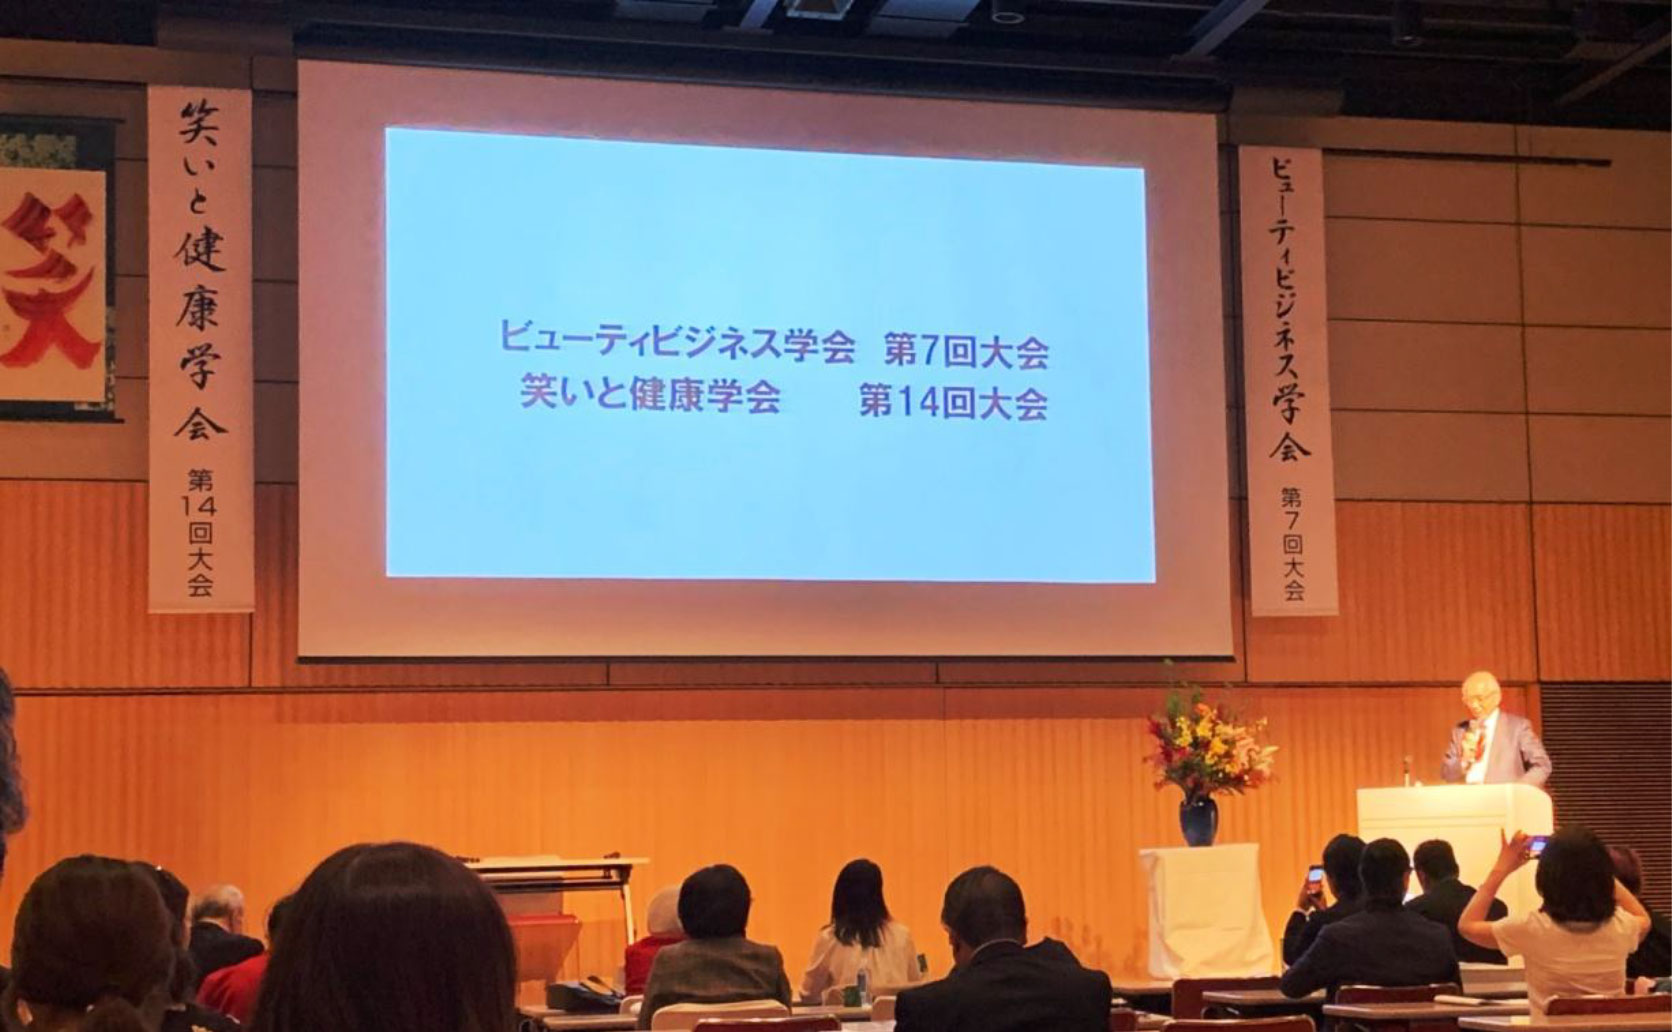 10月26日(土)「ビューティビジネス学会第7回大会」「笑いと健康学会 第14回大会」は無事終了いたしました。ご参加ありがとうございました